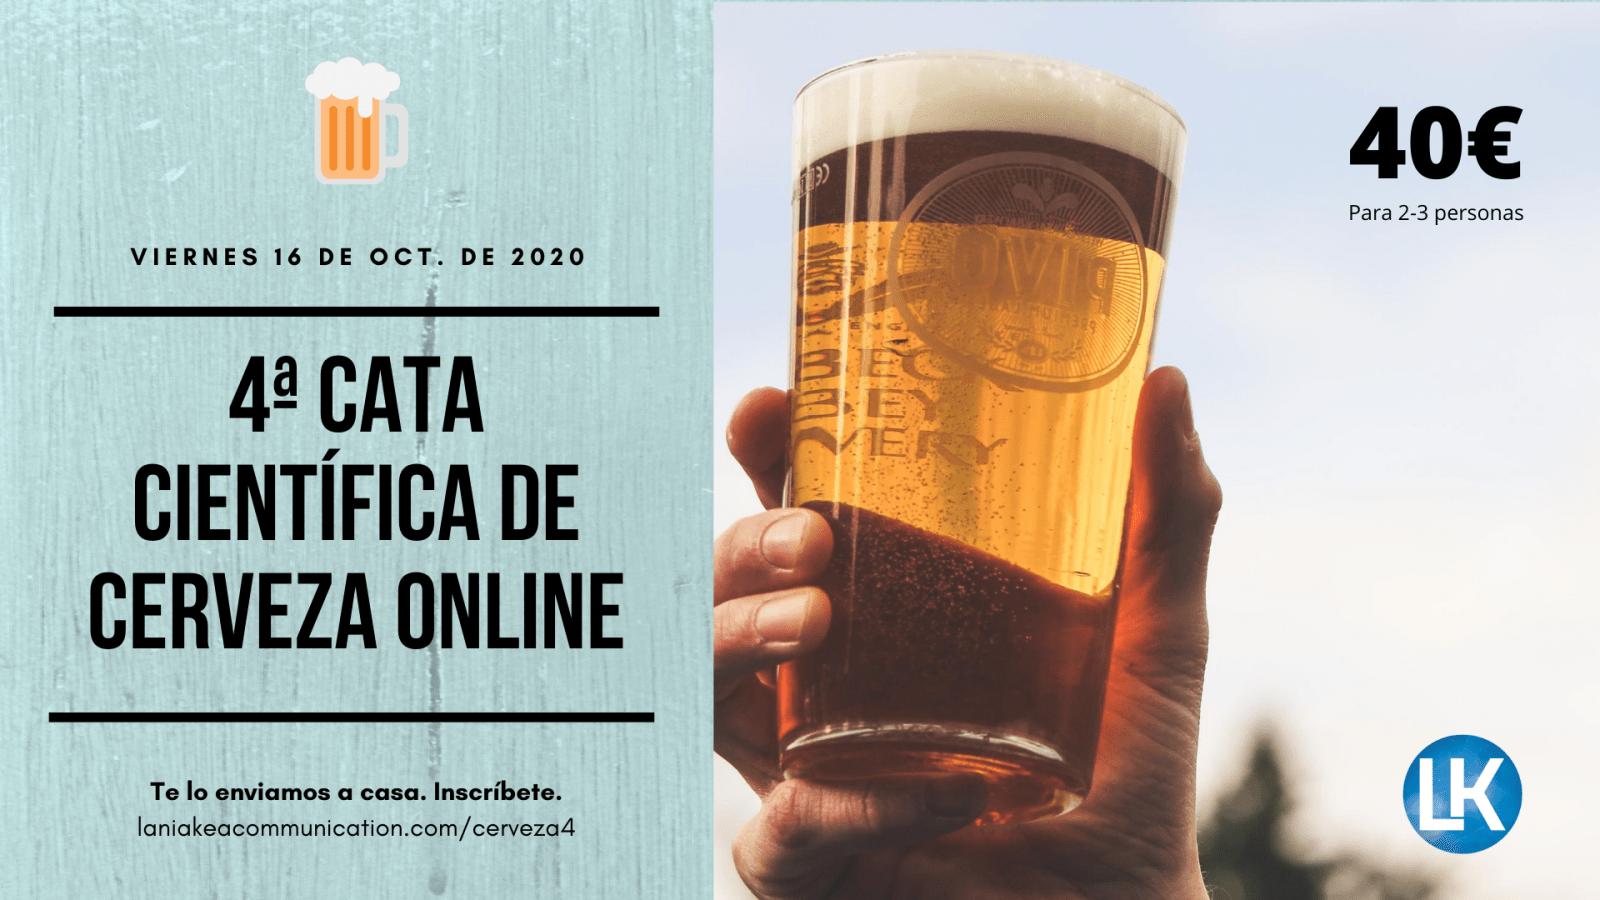 Cata científica de cervezas 16 octubre 2020